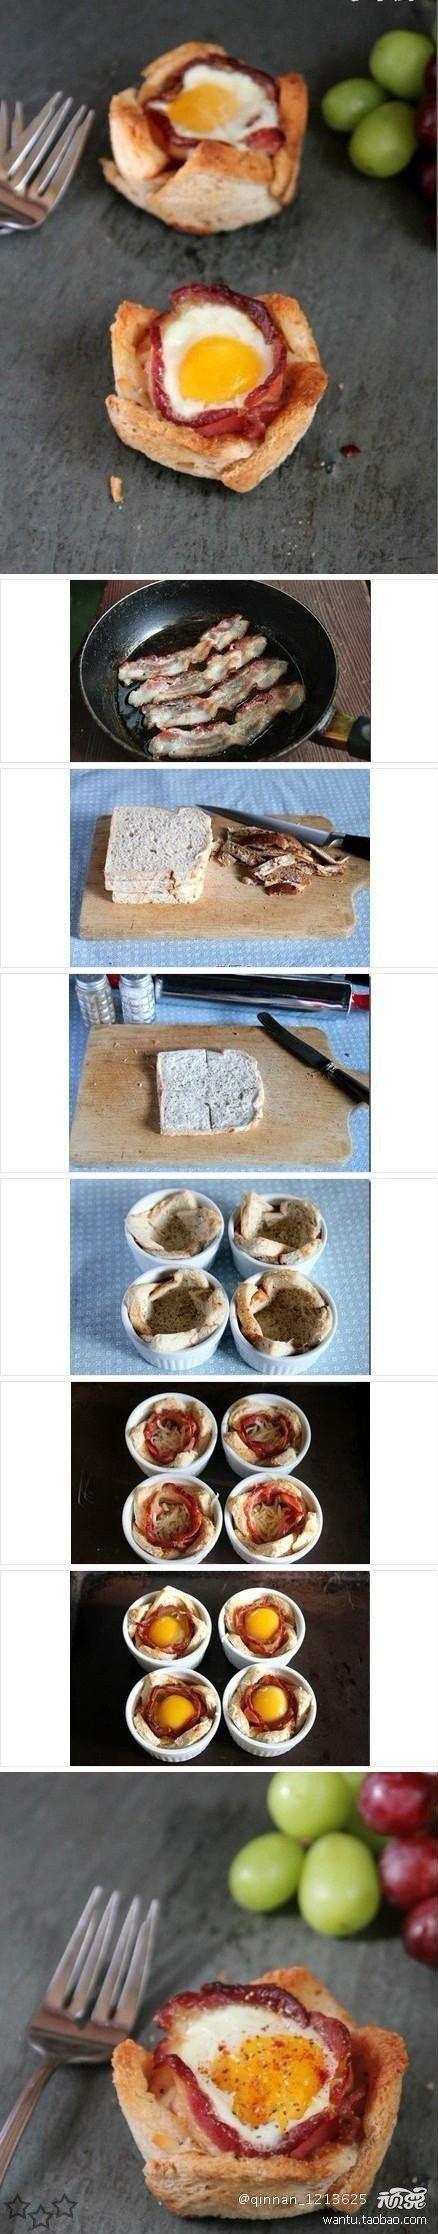 Diferente forma de preparar bacón con huevos / Different way to prepare bacon and eggs